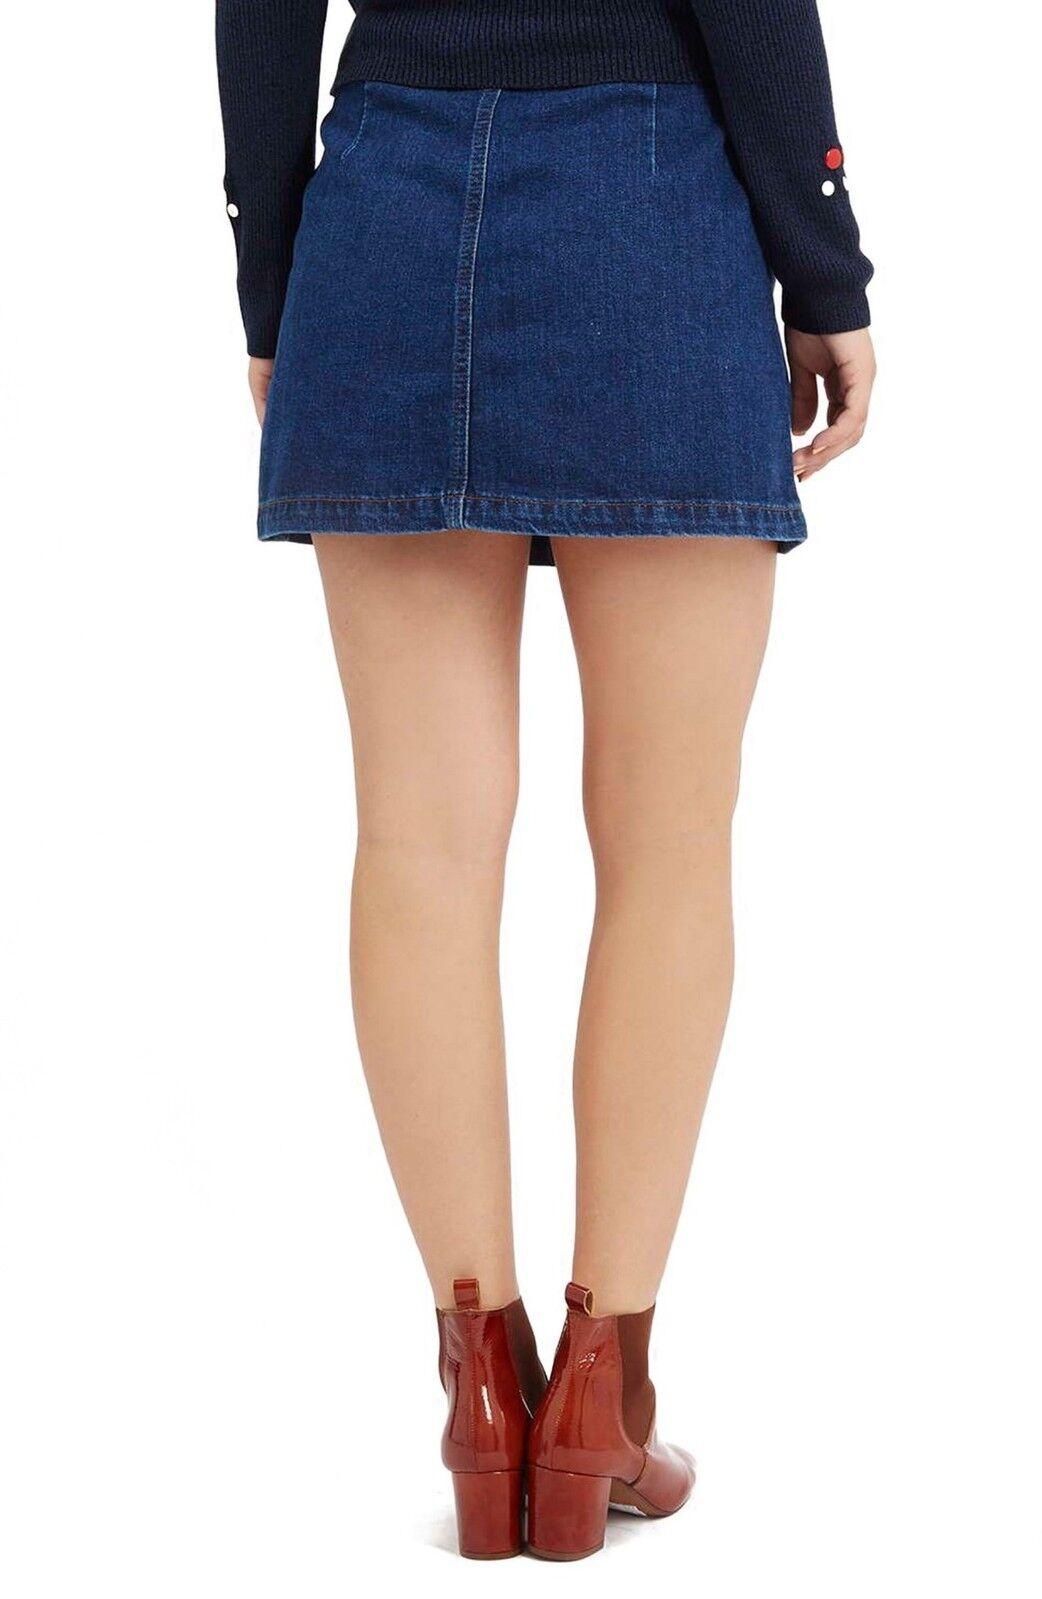 TOPSHOP Button Front Blue Denim Skirt A-Line Cott… - image 2